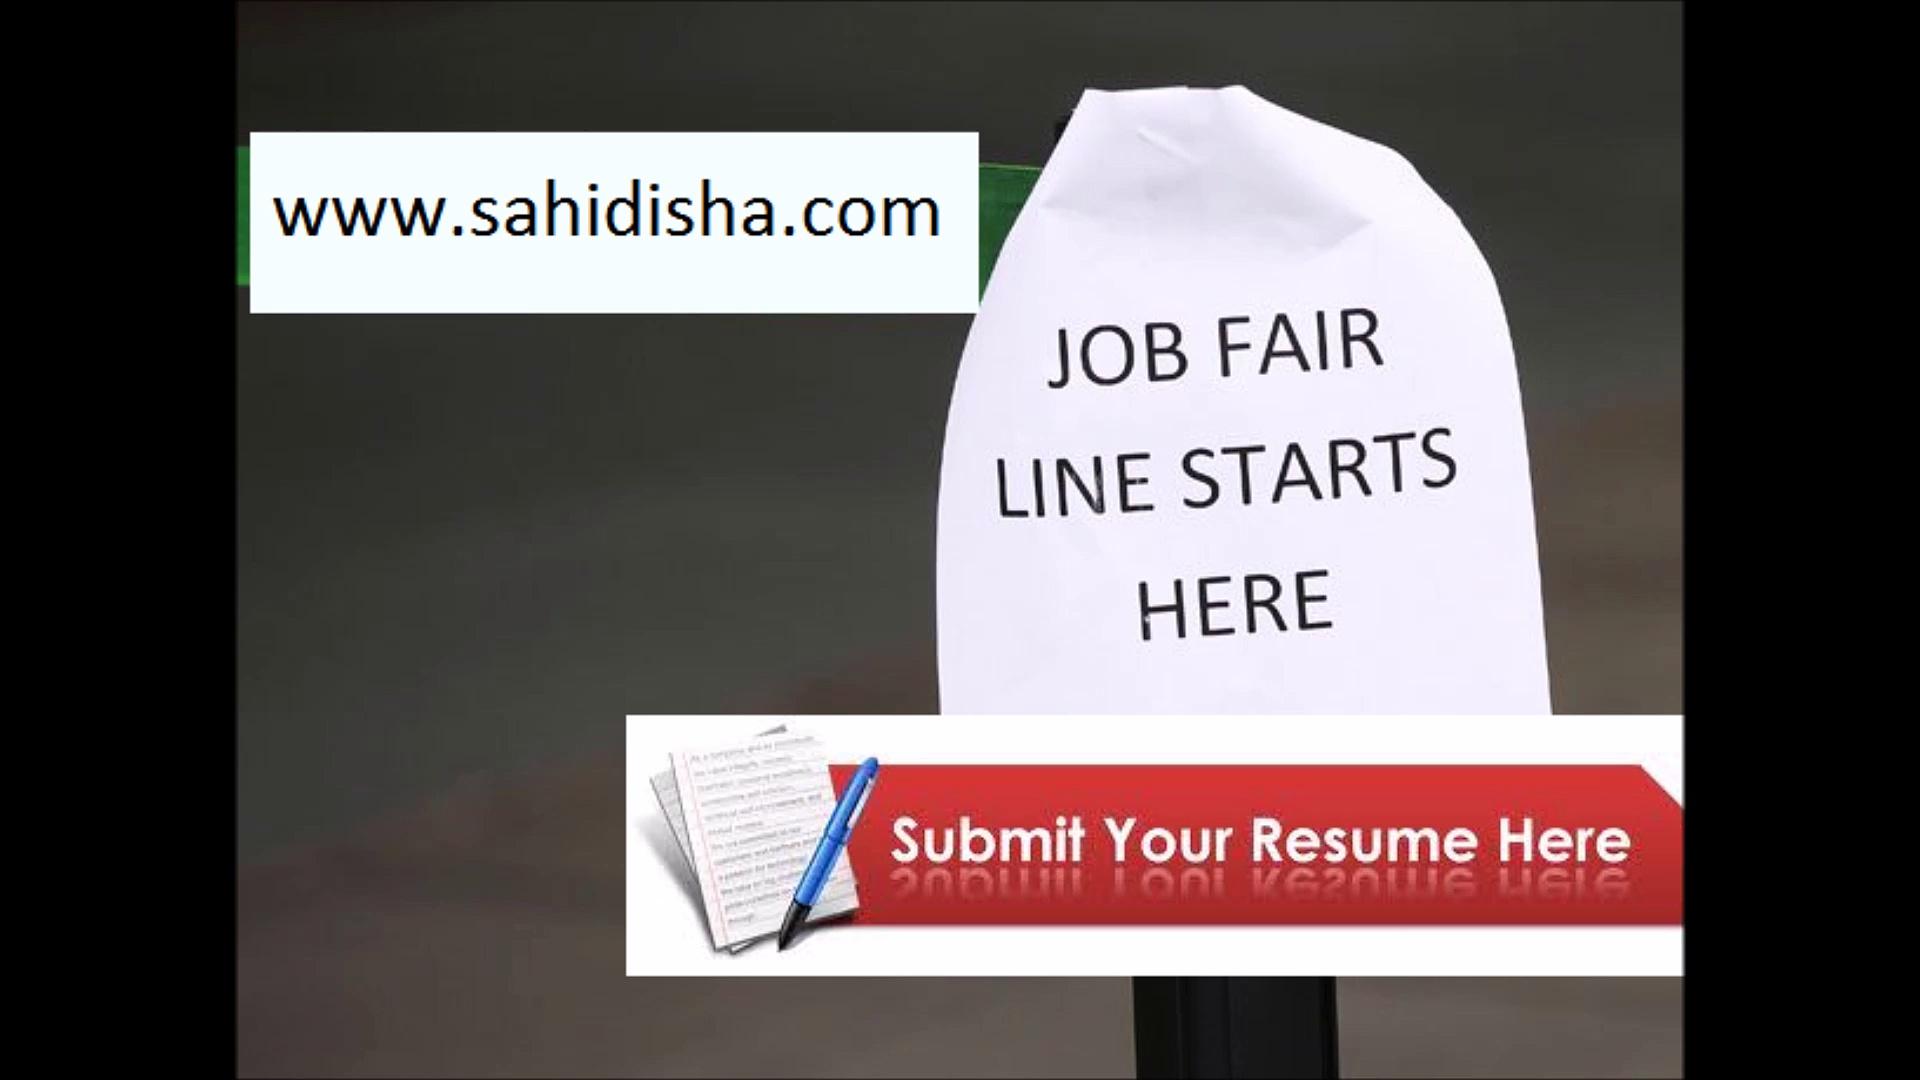 Jobs Sites In India|Jobs Portals In India|Jobs Portals